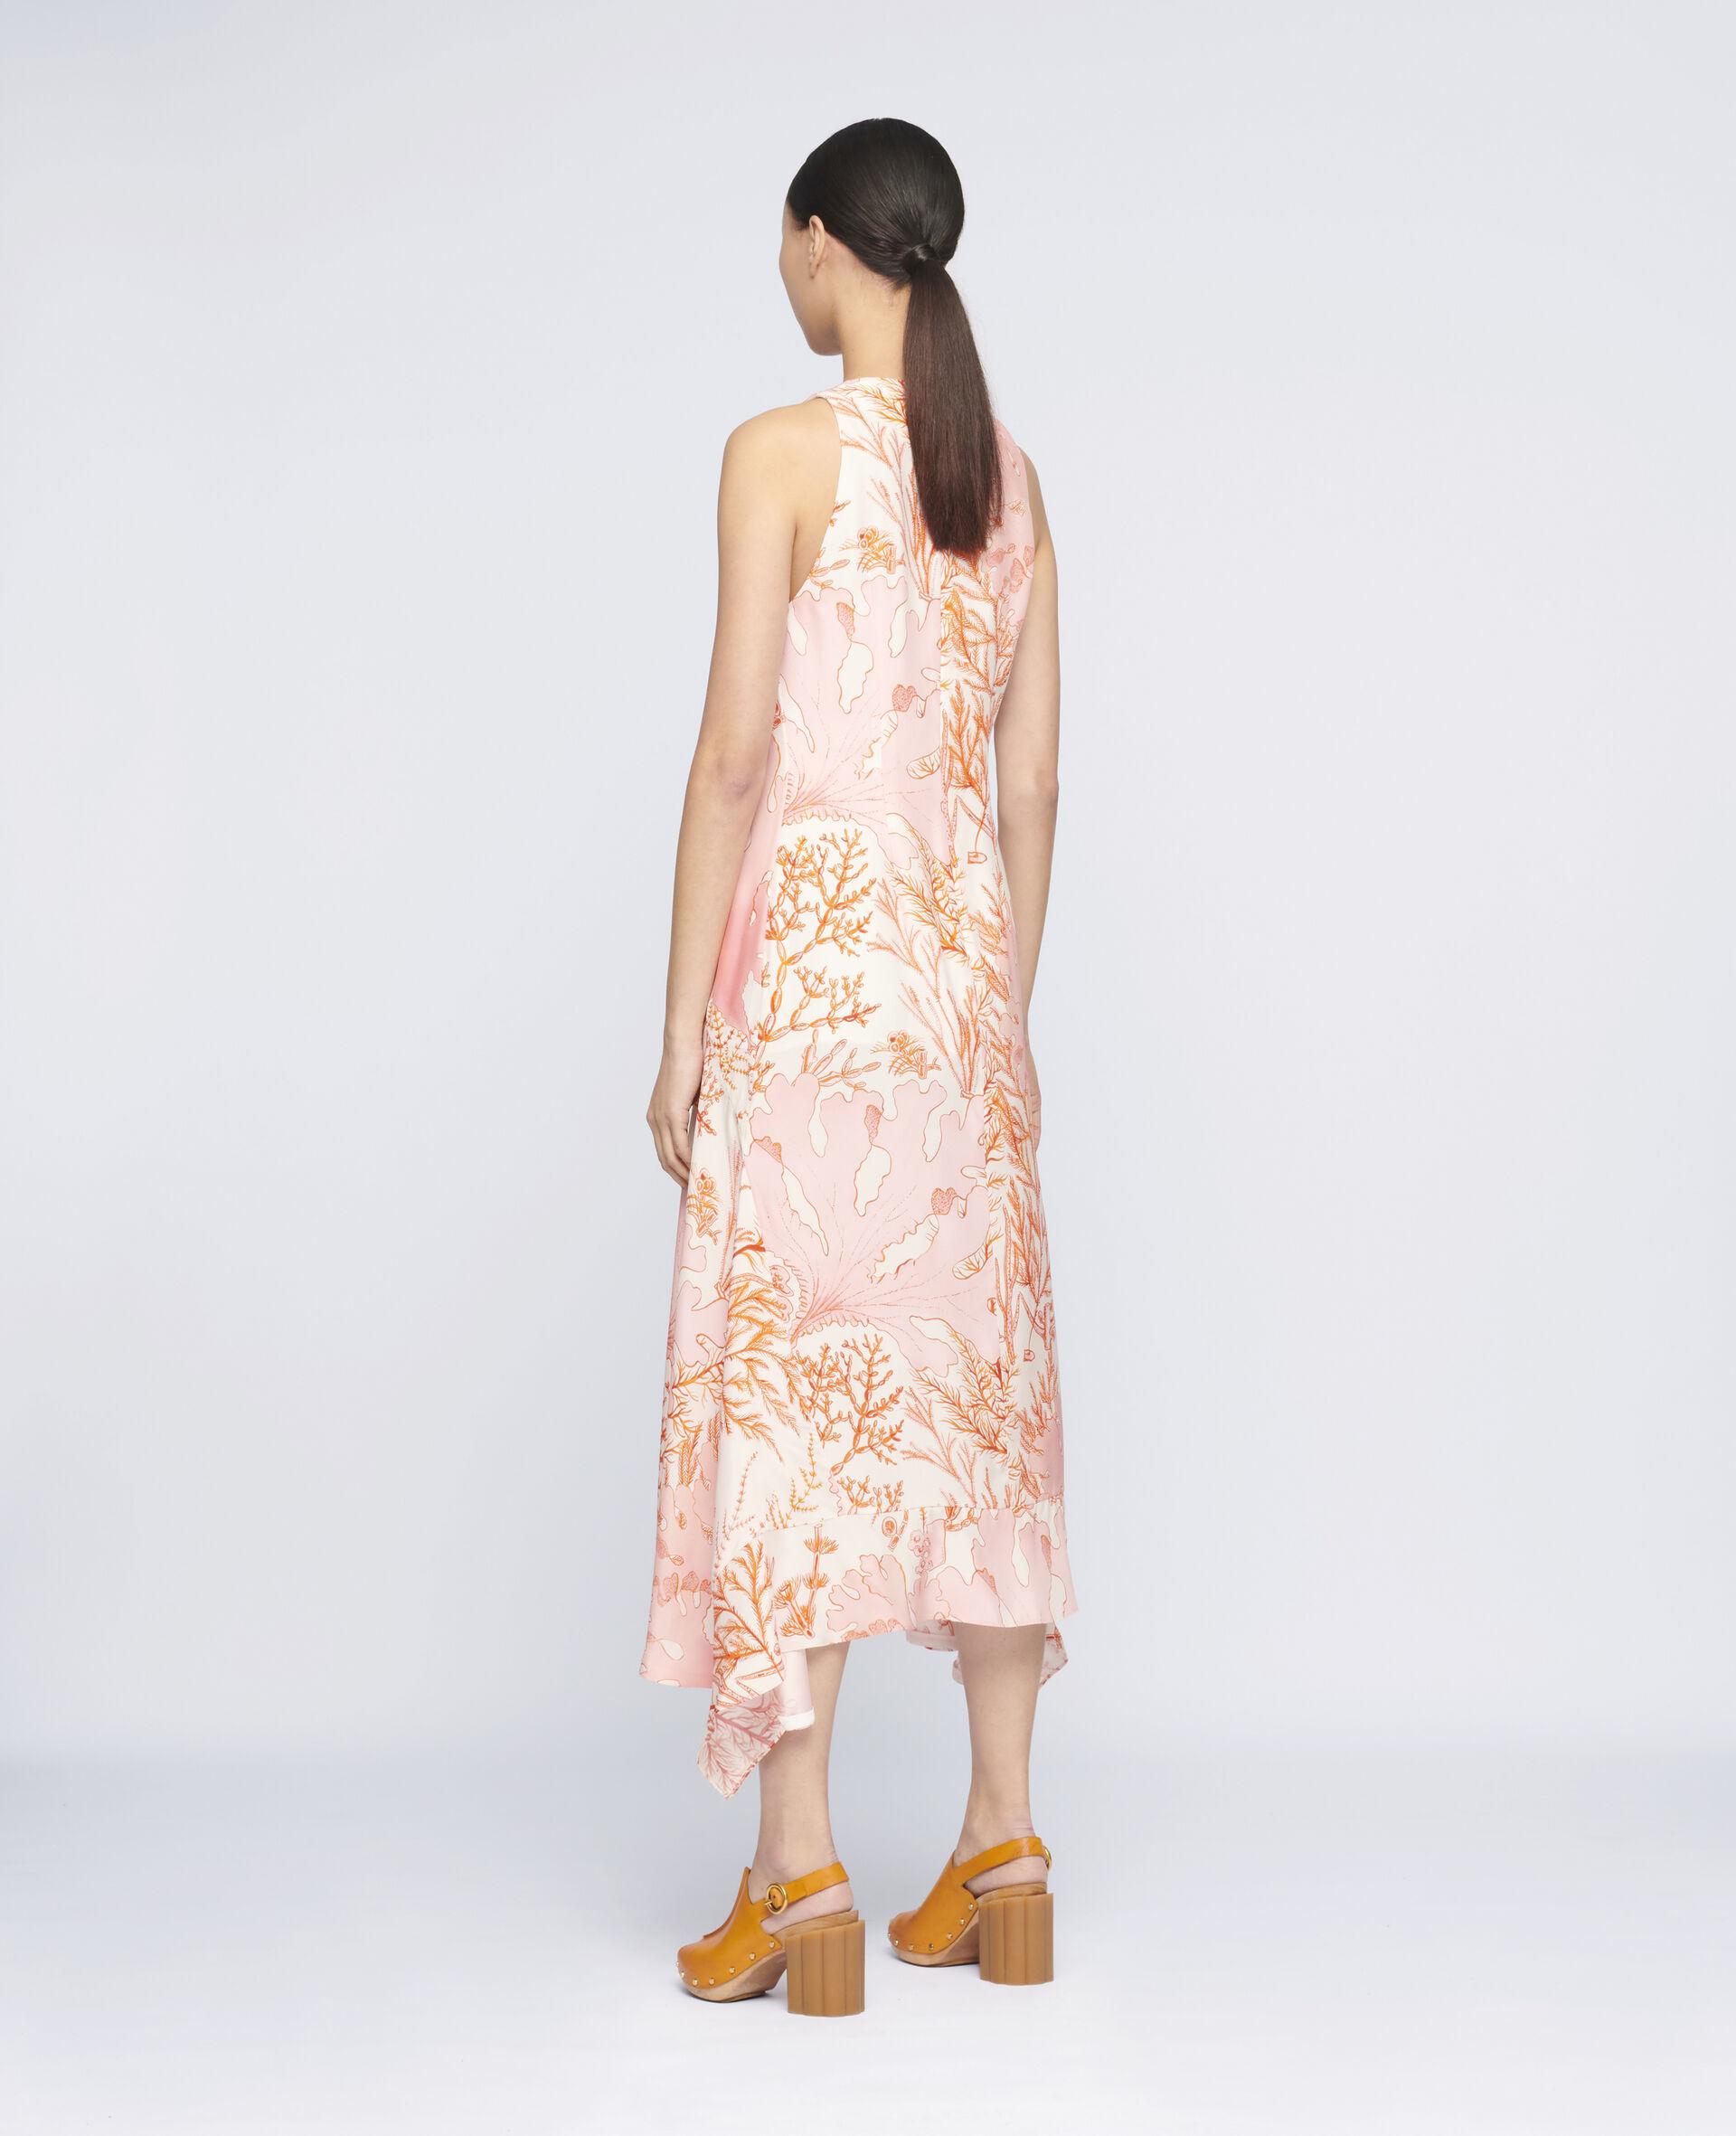 アナベル シルク ドレス-マルチカラー-large image number 2